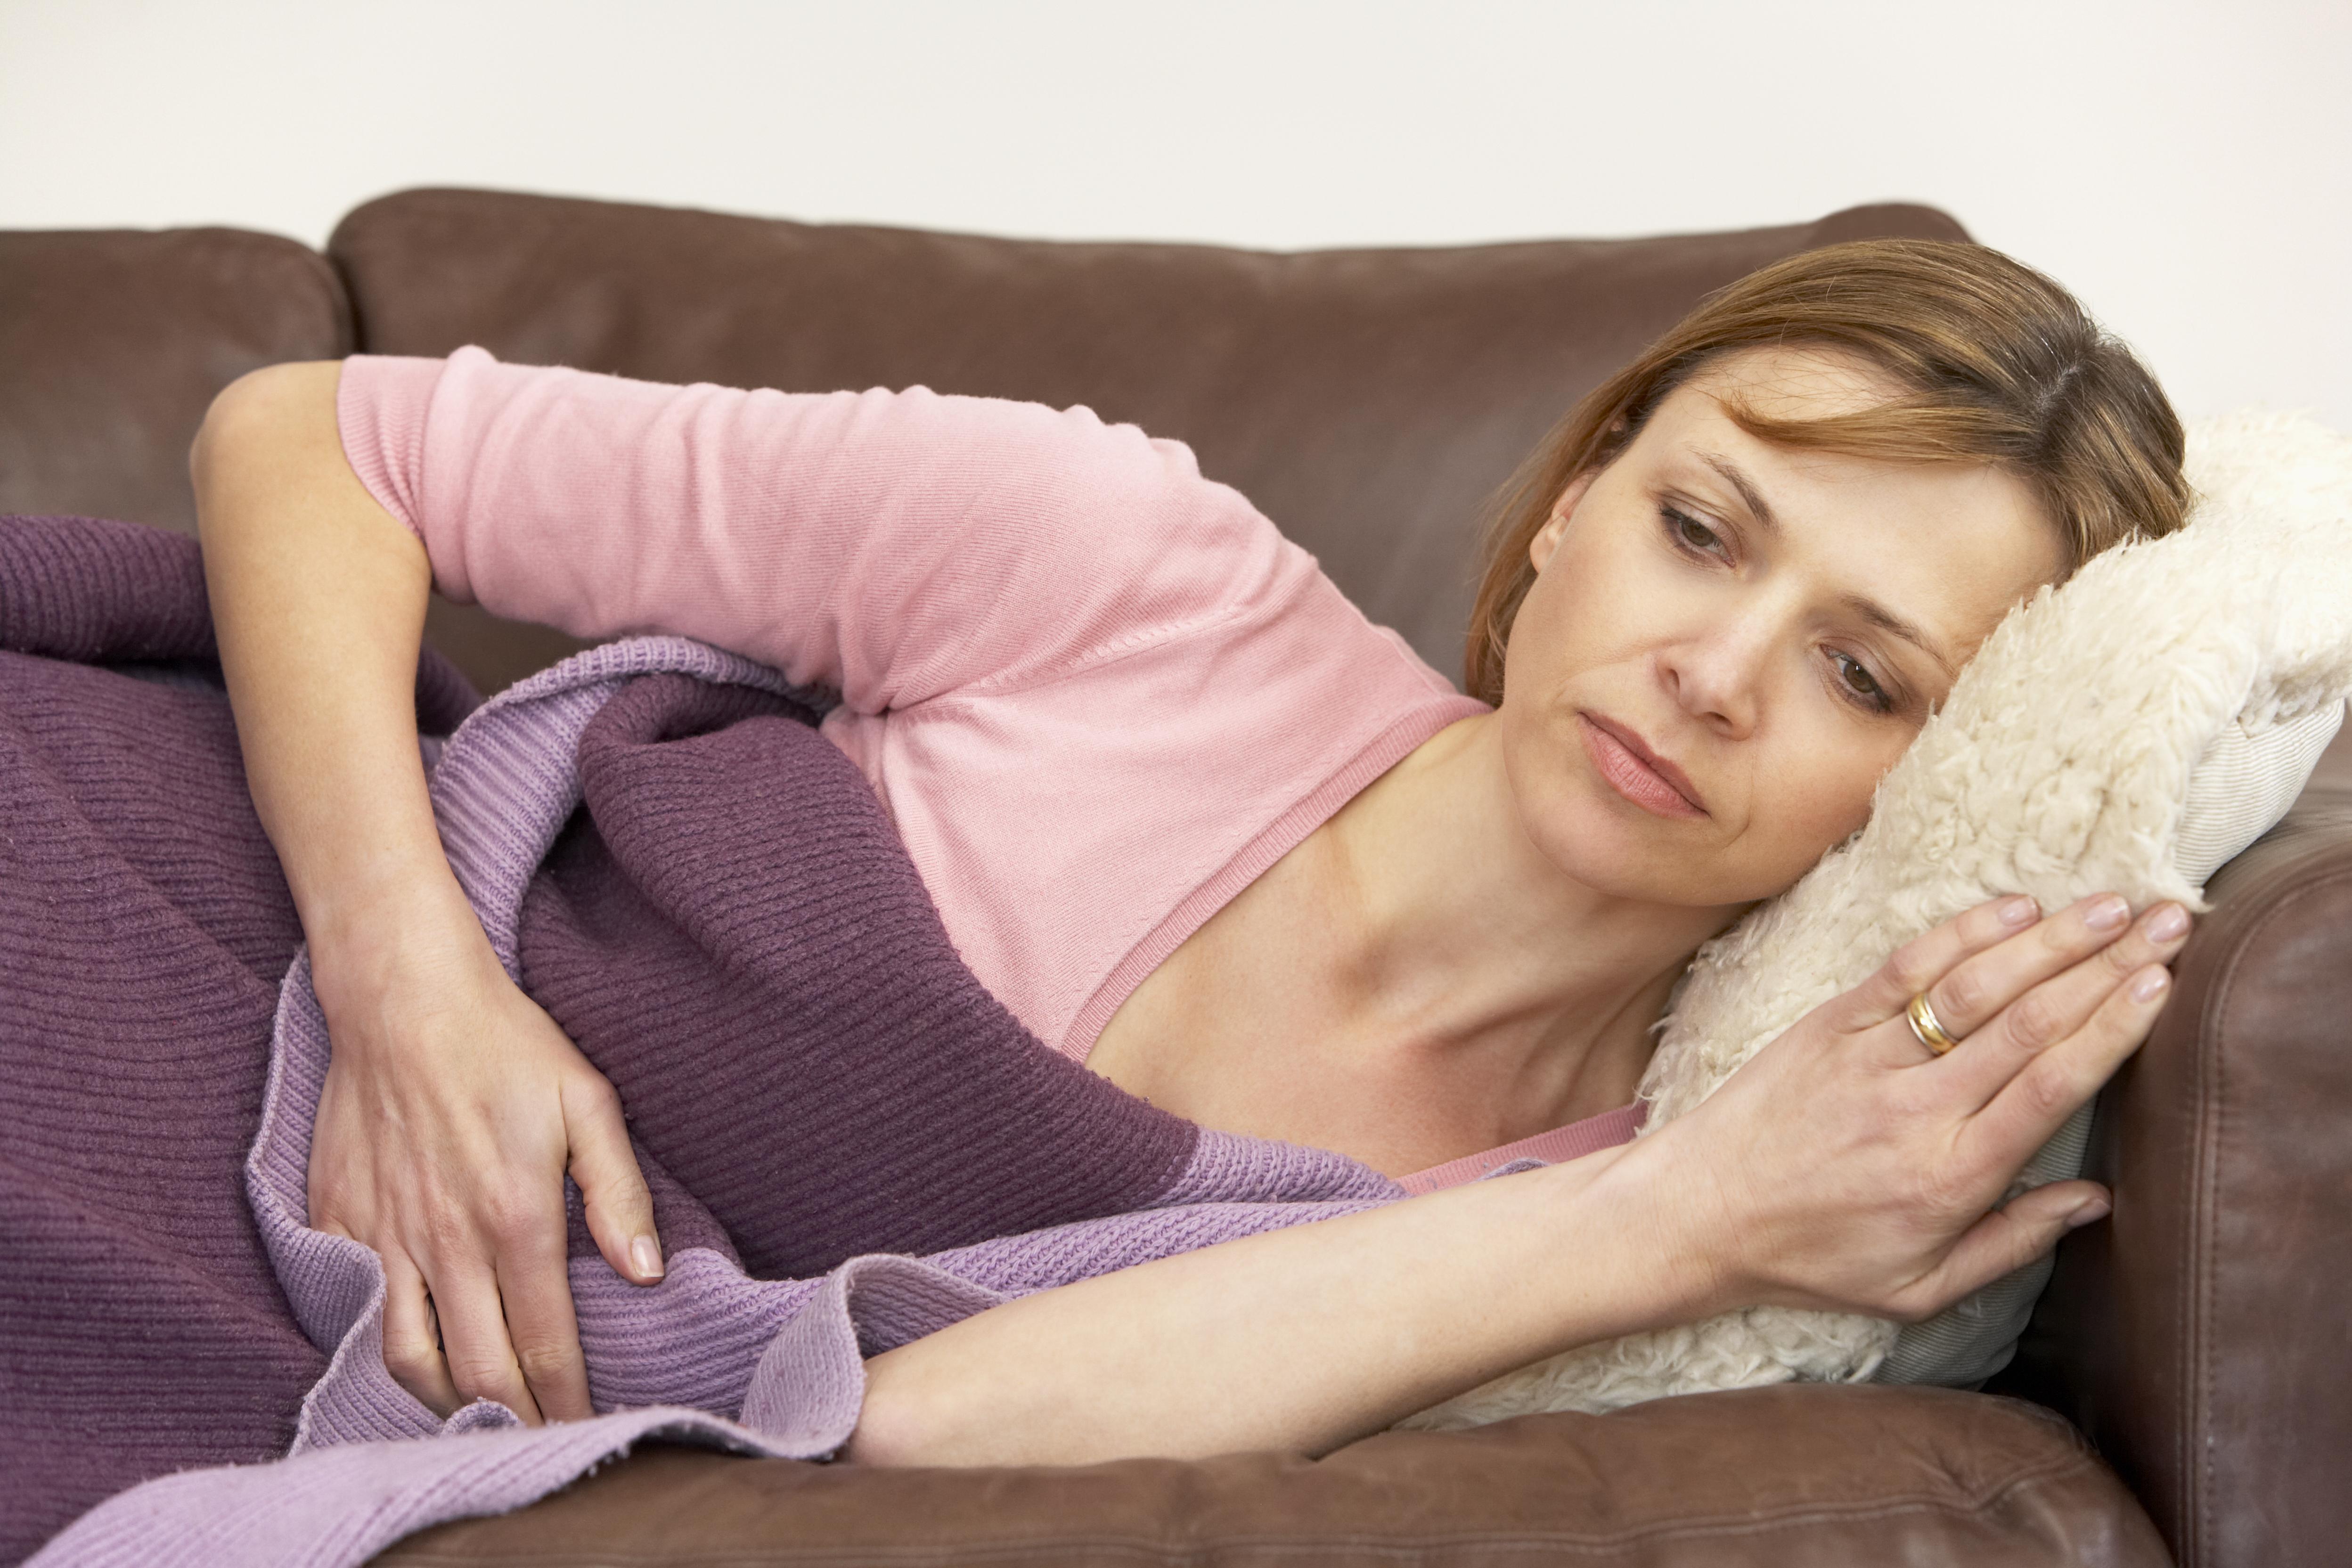 диагностика, причина, ног лечение spine.com – » Онемение